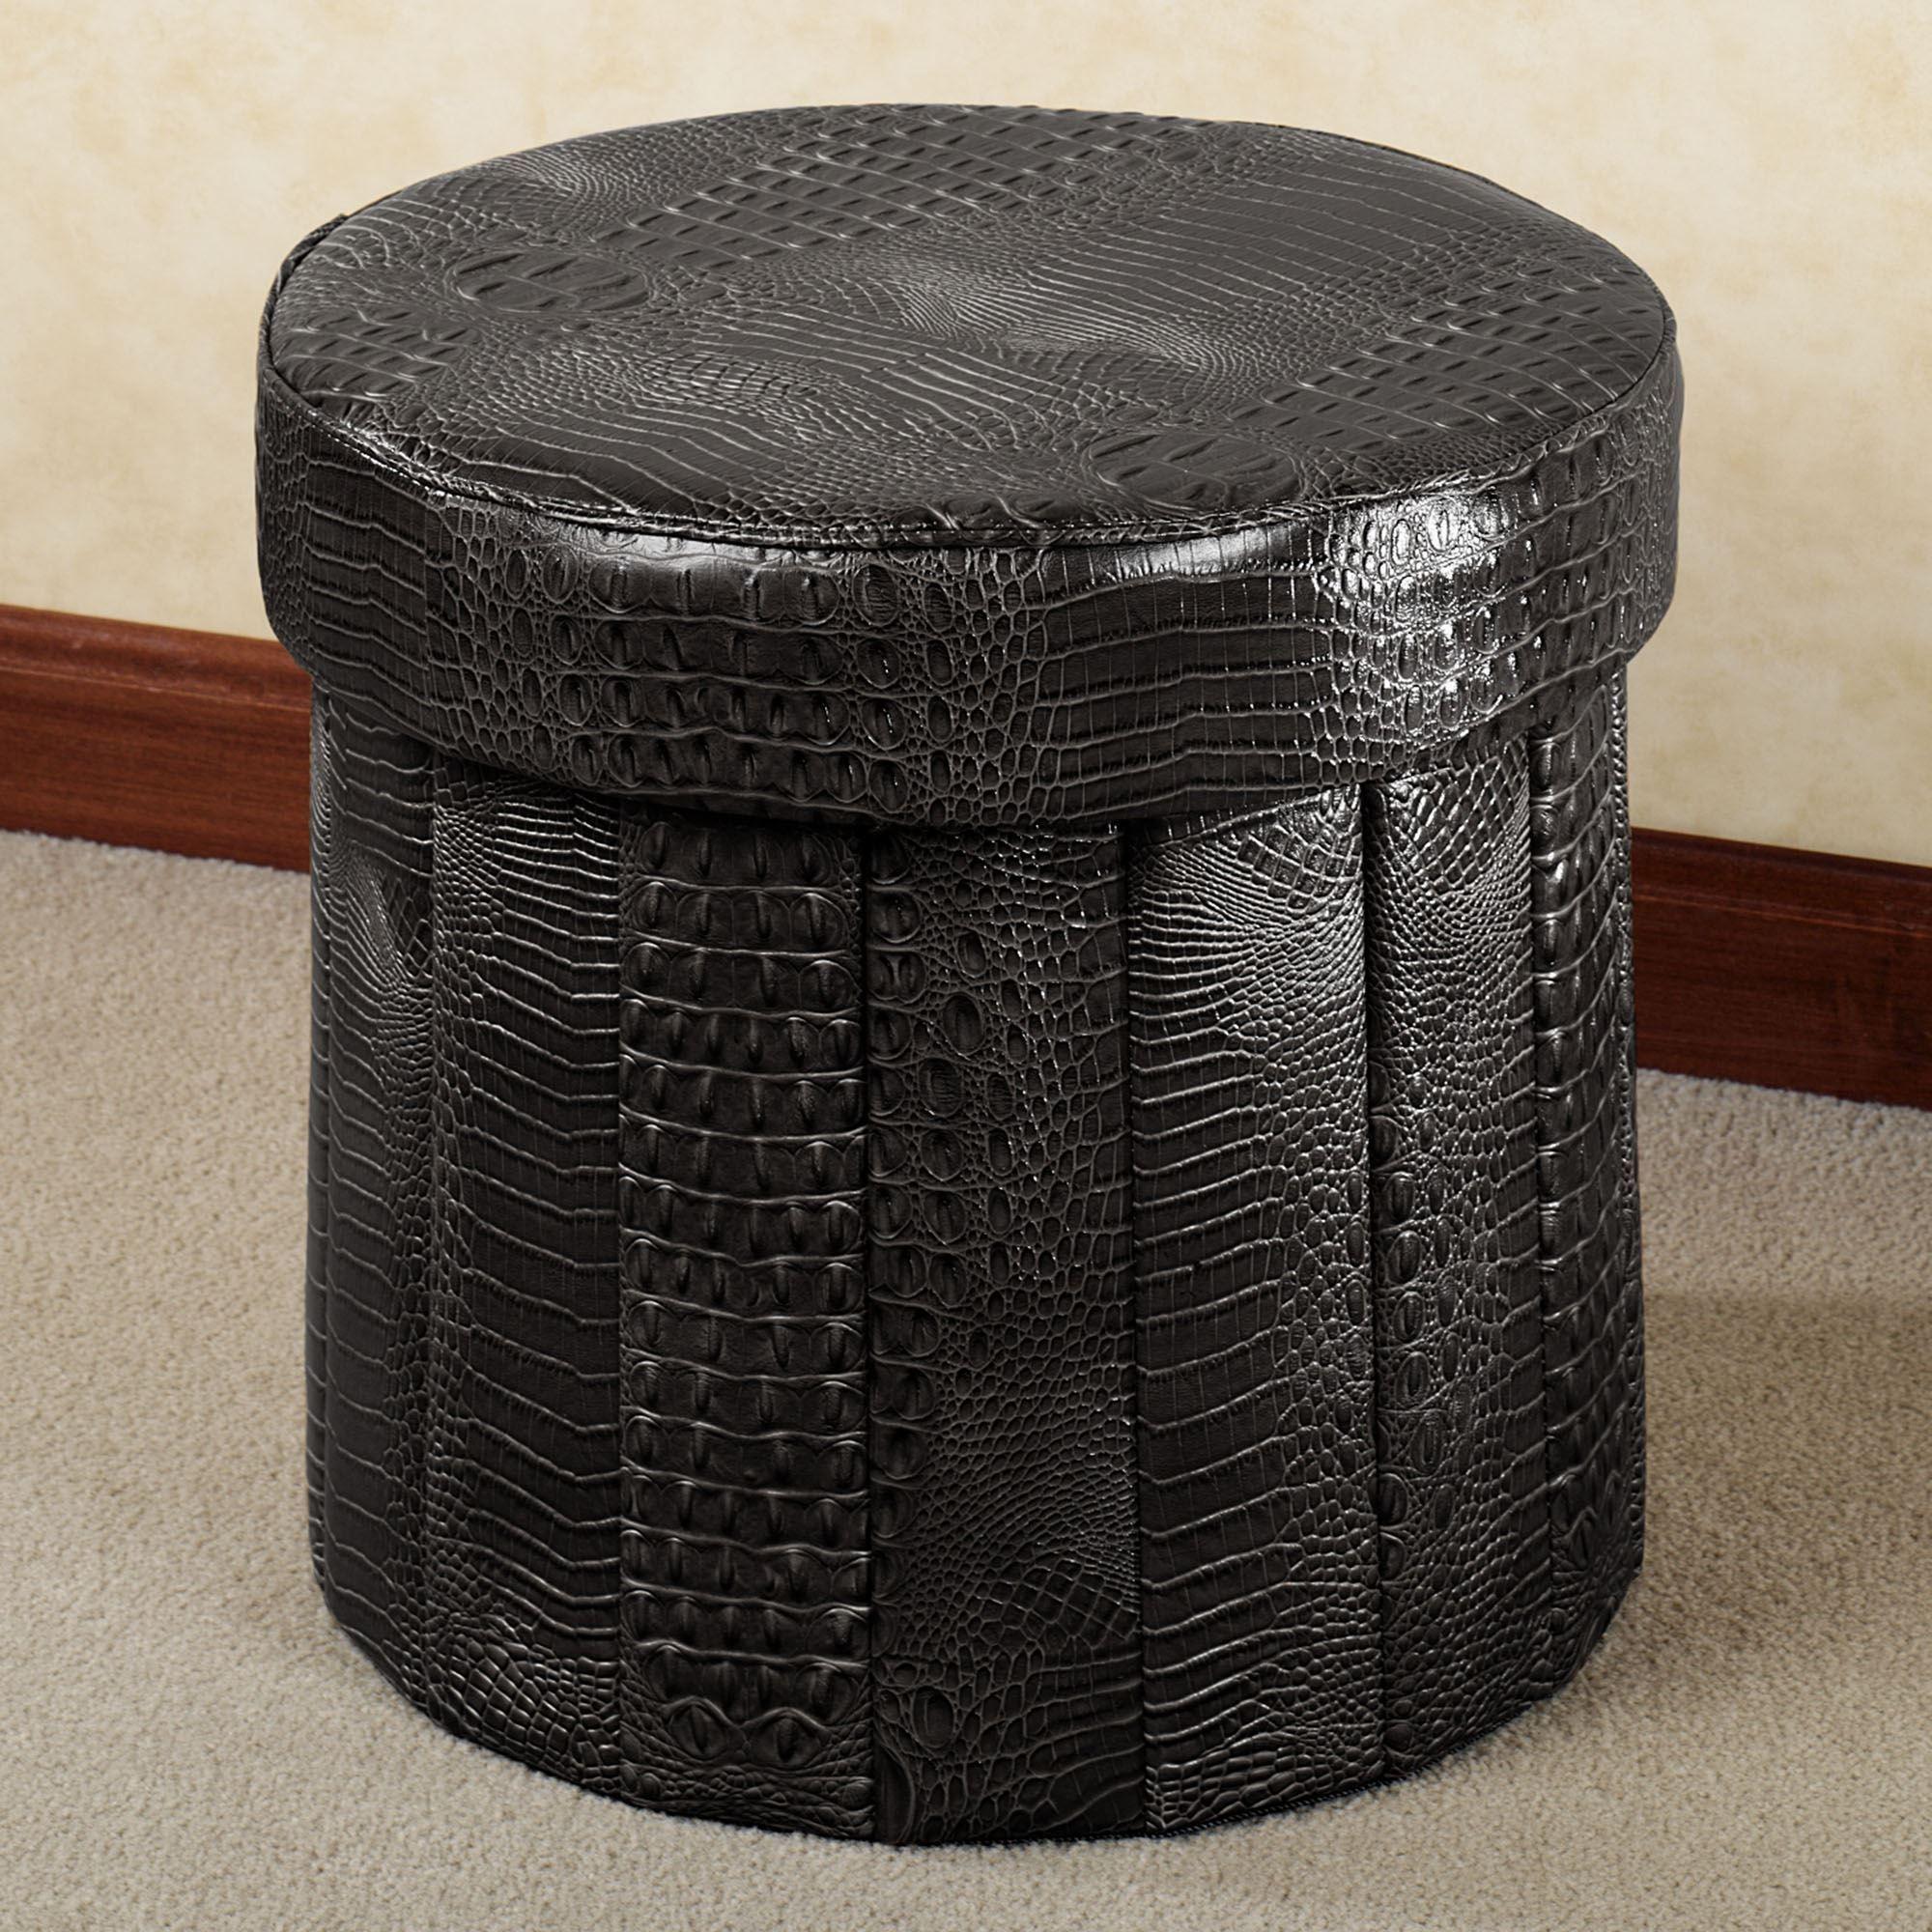 Almas Animal Print Black Faux Leather Round Storage Ottoman